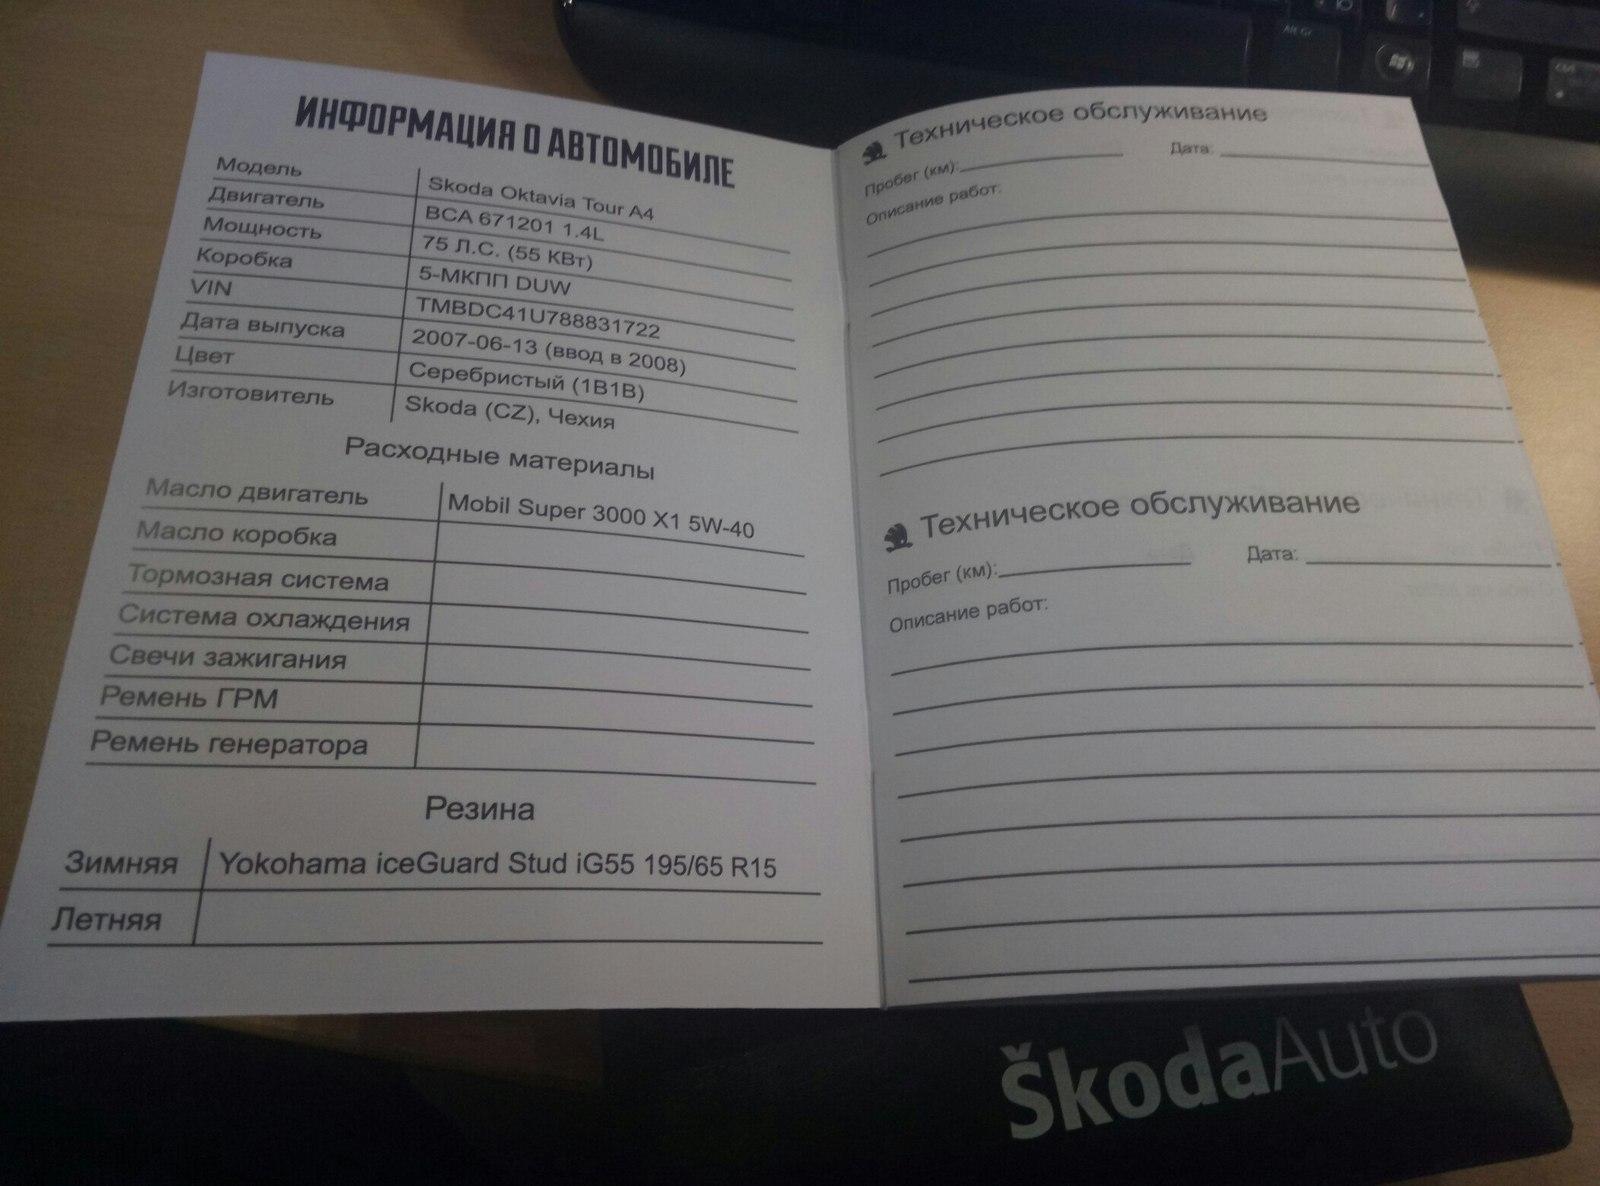 можно ли поставить печать в сервисную книжку bmw